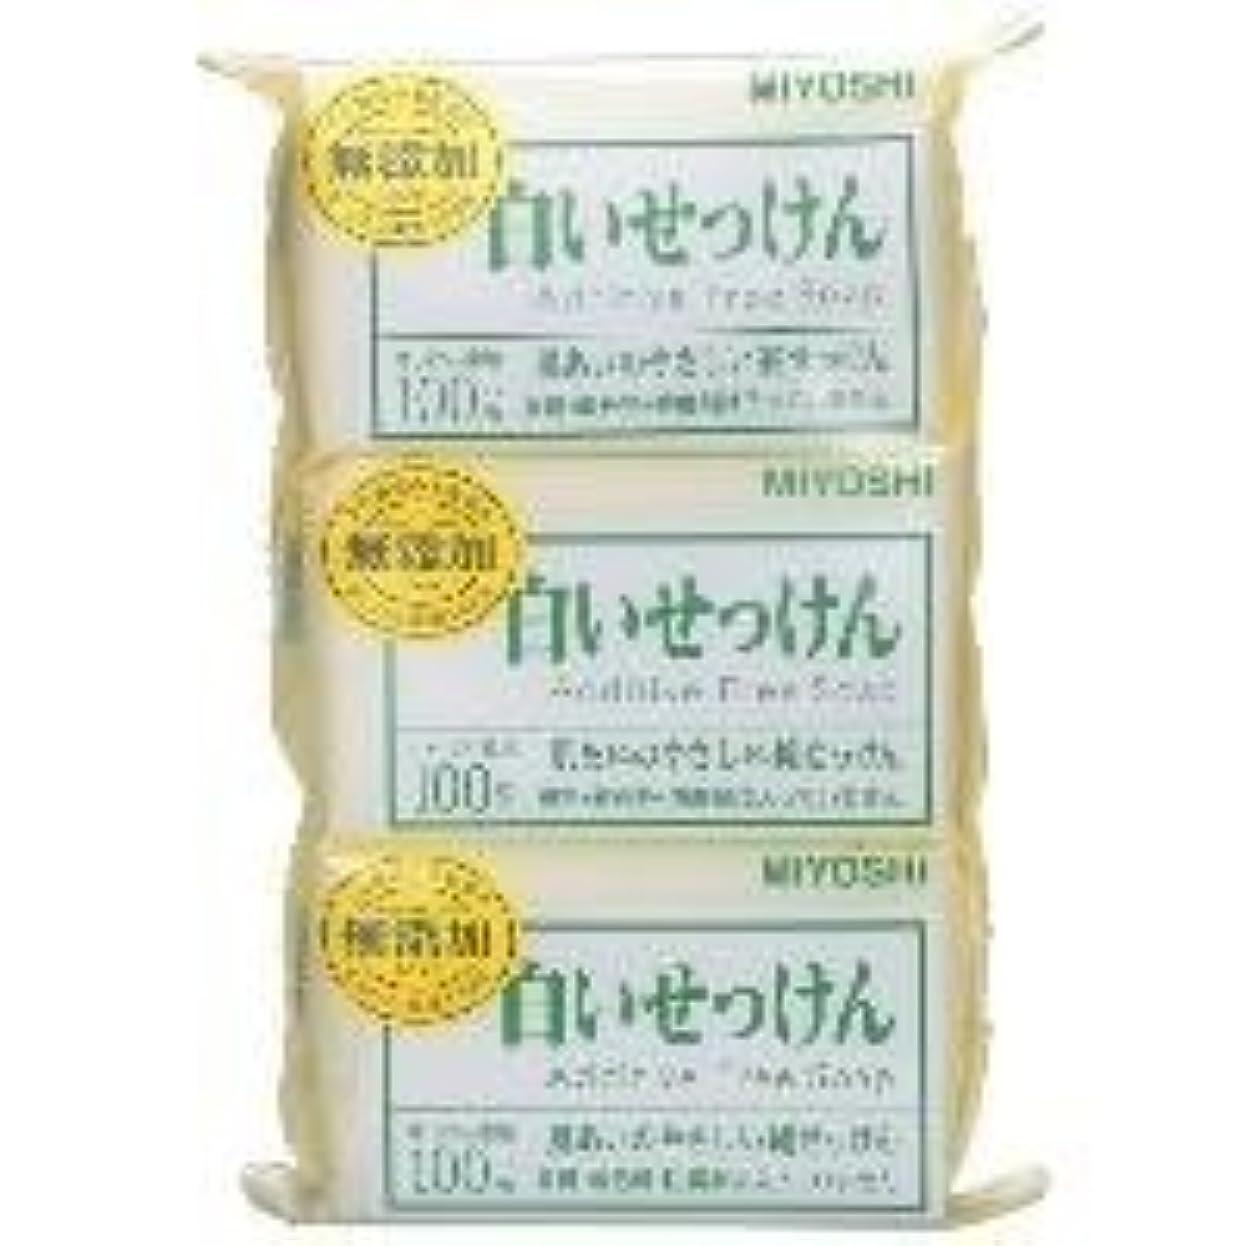 コンバーチブル初心者群れ【MIYOSHI】無添加 白いせっけん 108g×3個入